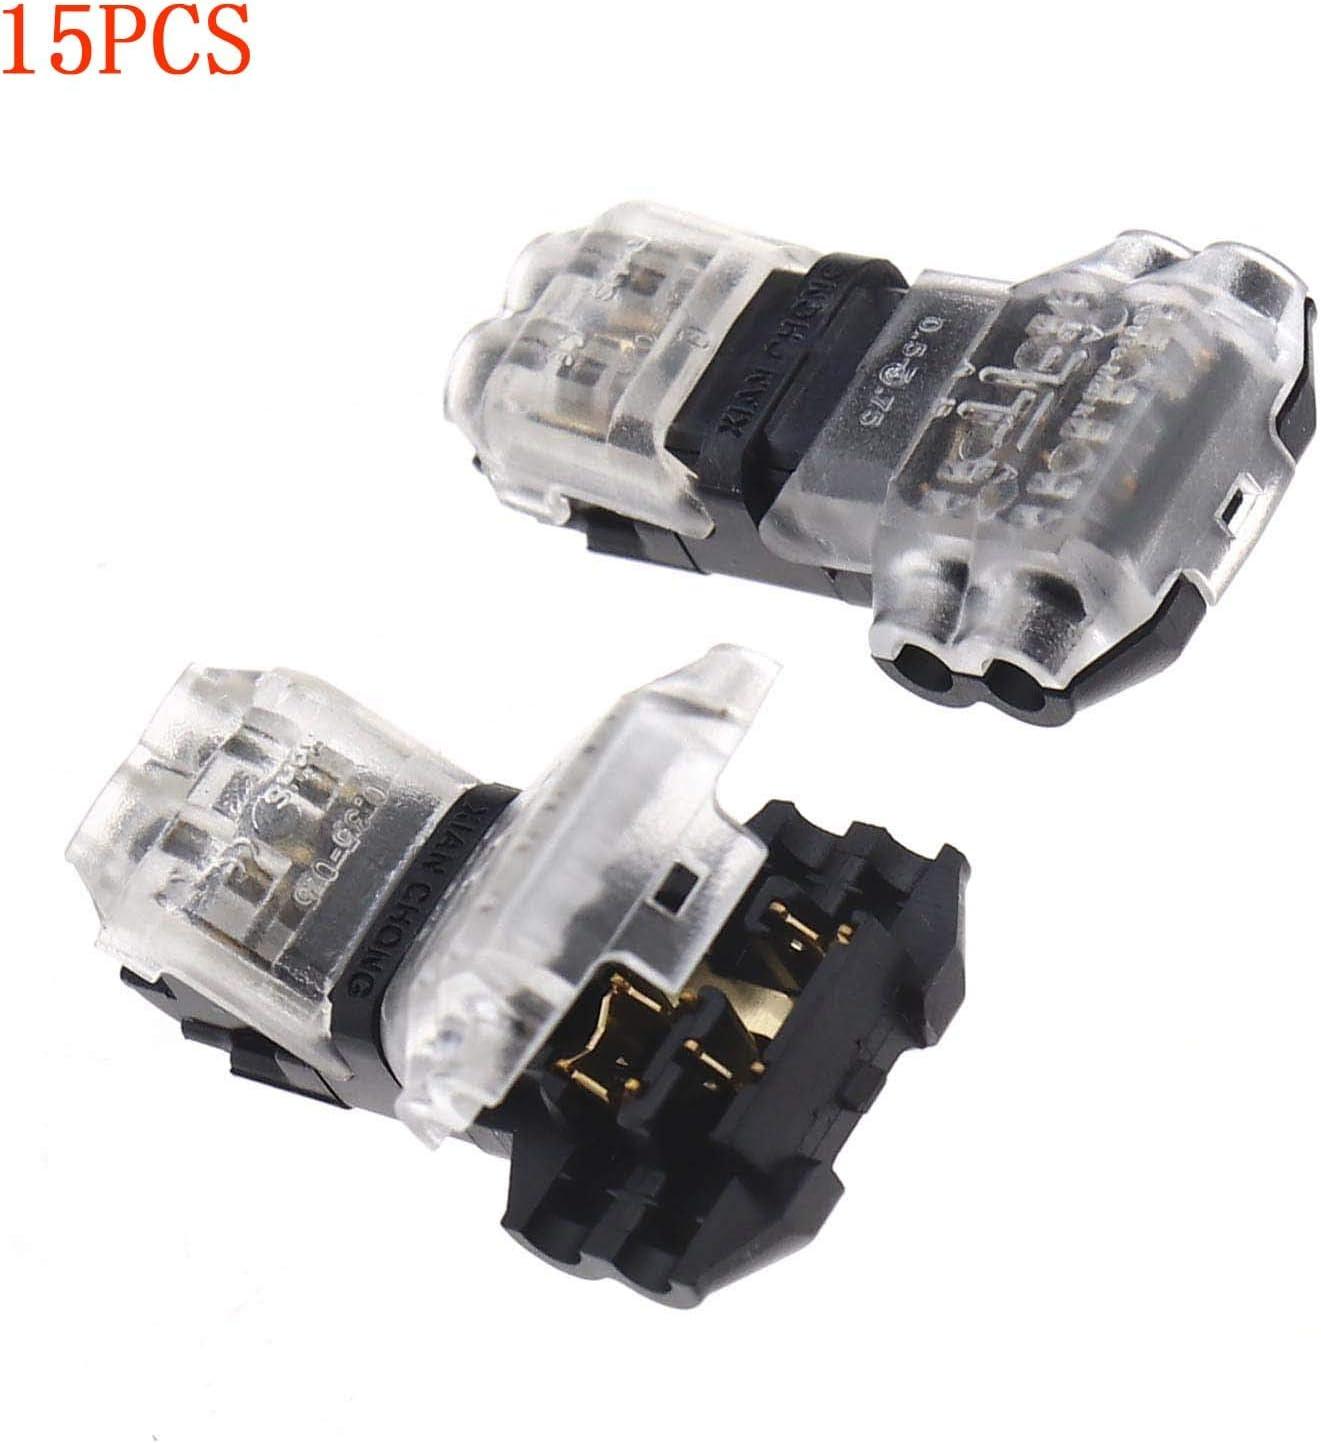 Estilo T 2 15 Conectores de 2 Pines para conexi/ón de Cable el/éctrico